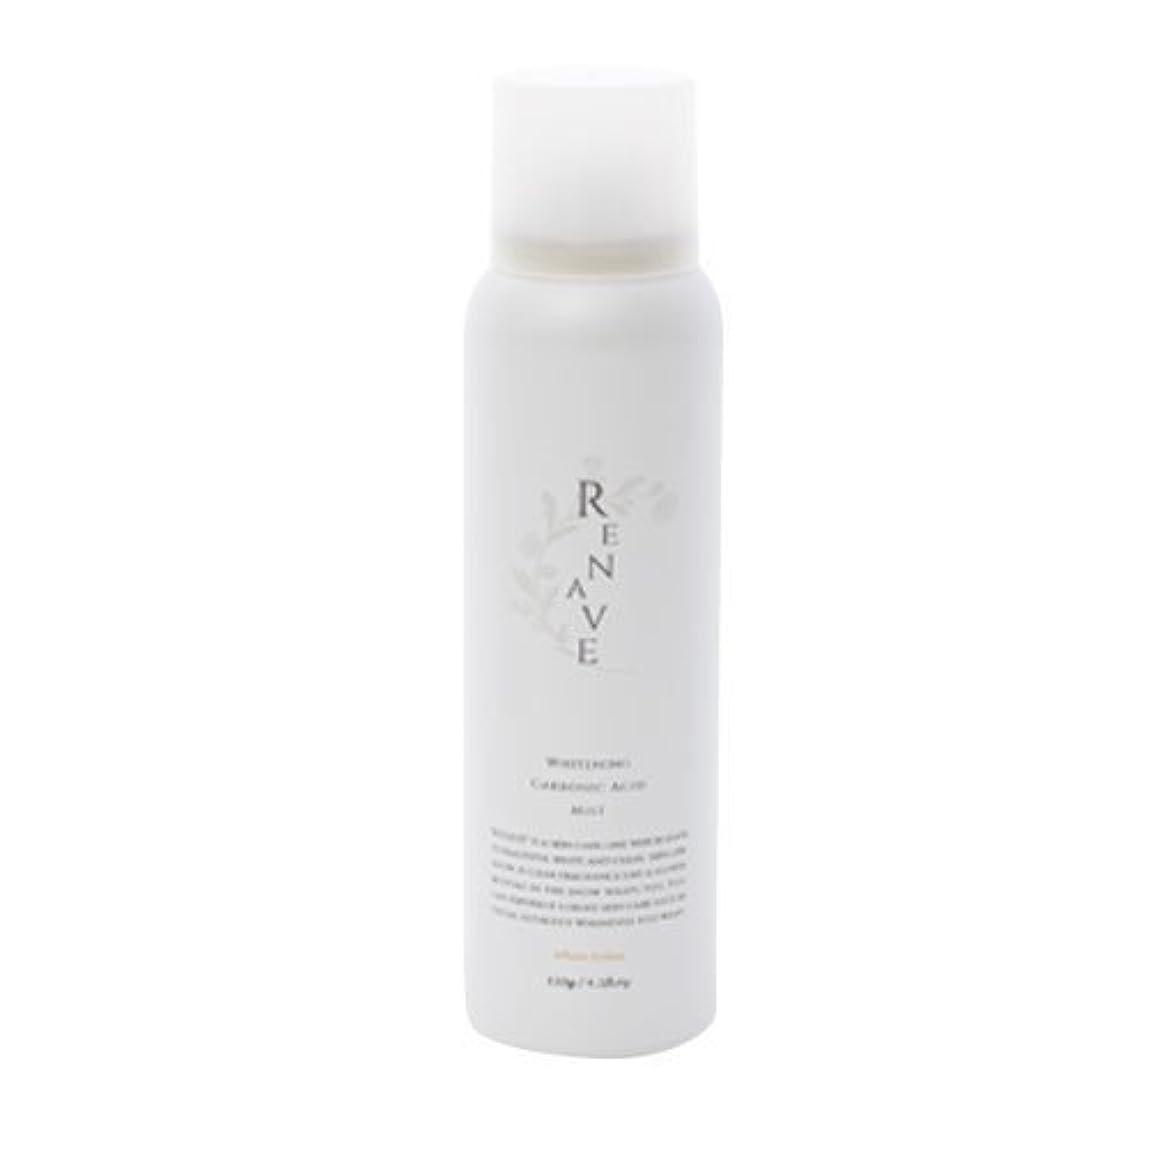 論理的にアクロバット料理をするRENAVE(リネーヴェ) 高濃度炭酸ミスト 薬用美白化粧水 120ml